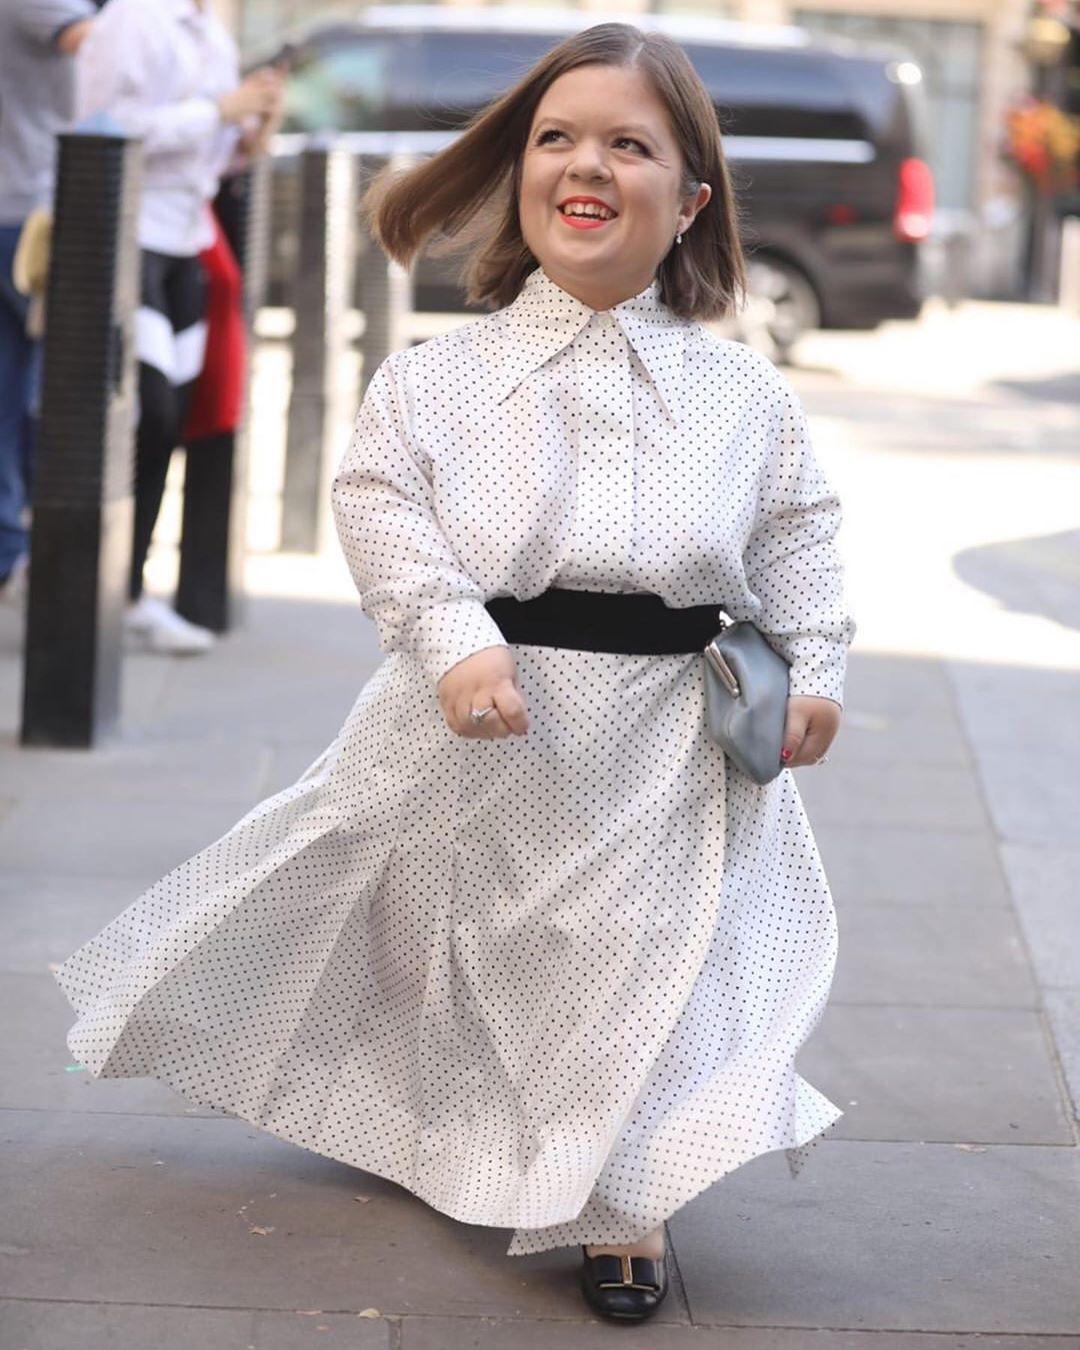 Шинейд Бёрк идет на модный показ Виктории Бекхэм.